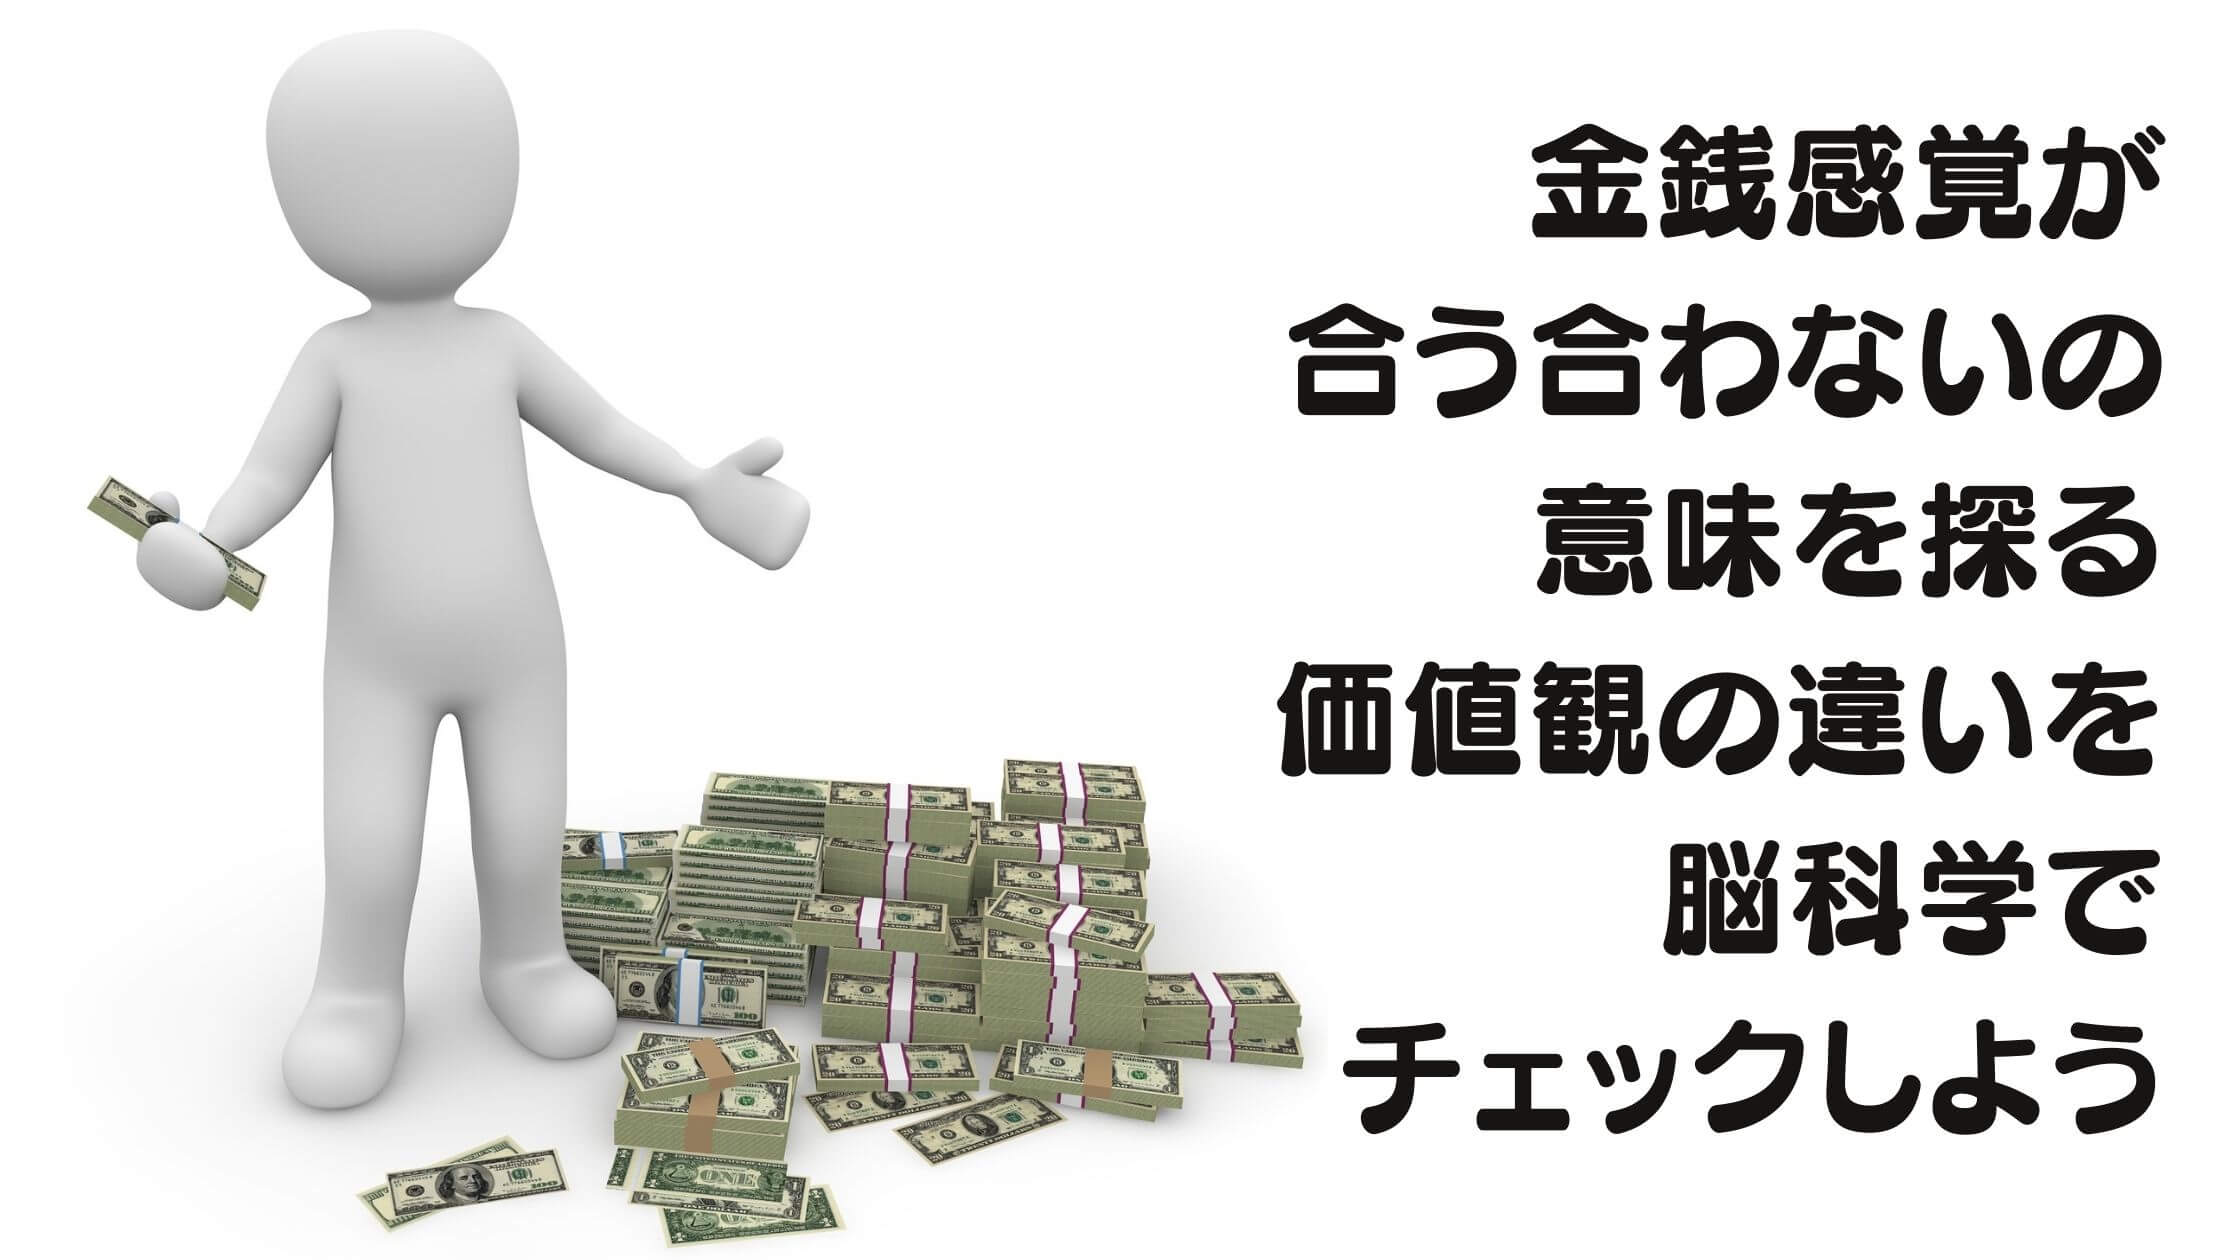 金銭感覚-A1